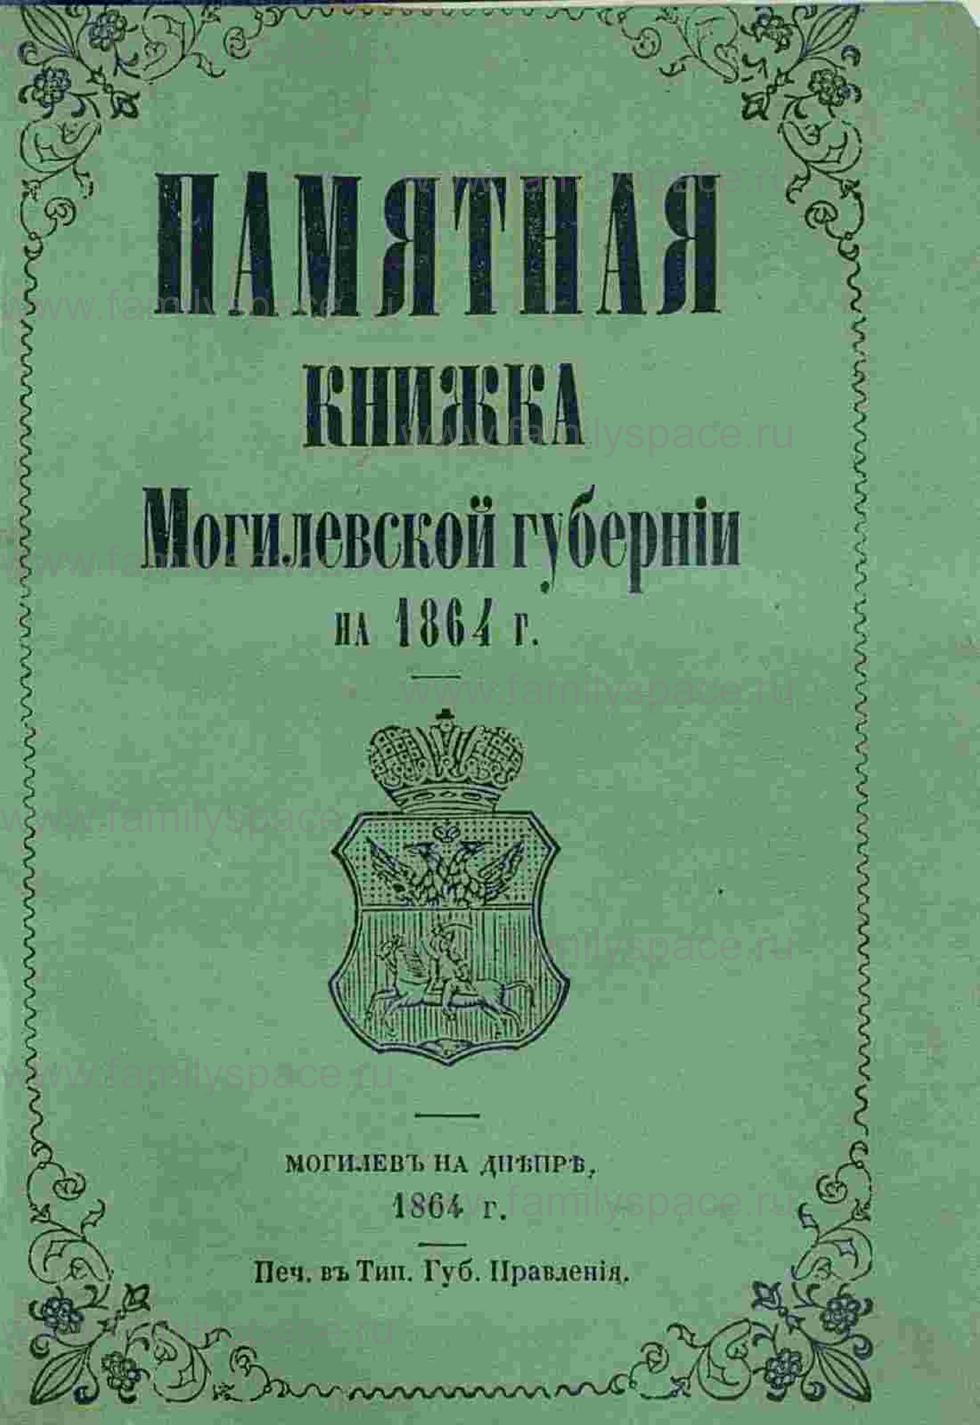 Поиск по фамилии - Памятная книжка Могилёвской губернии на 1864 год, страница -2